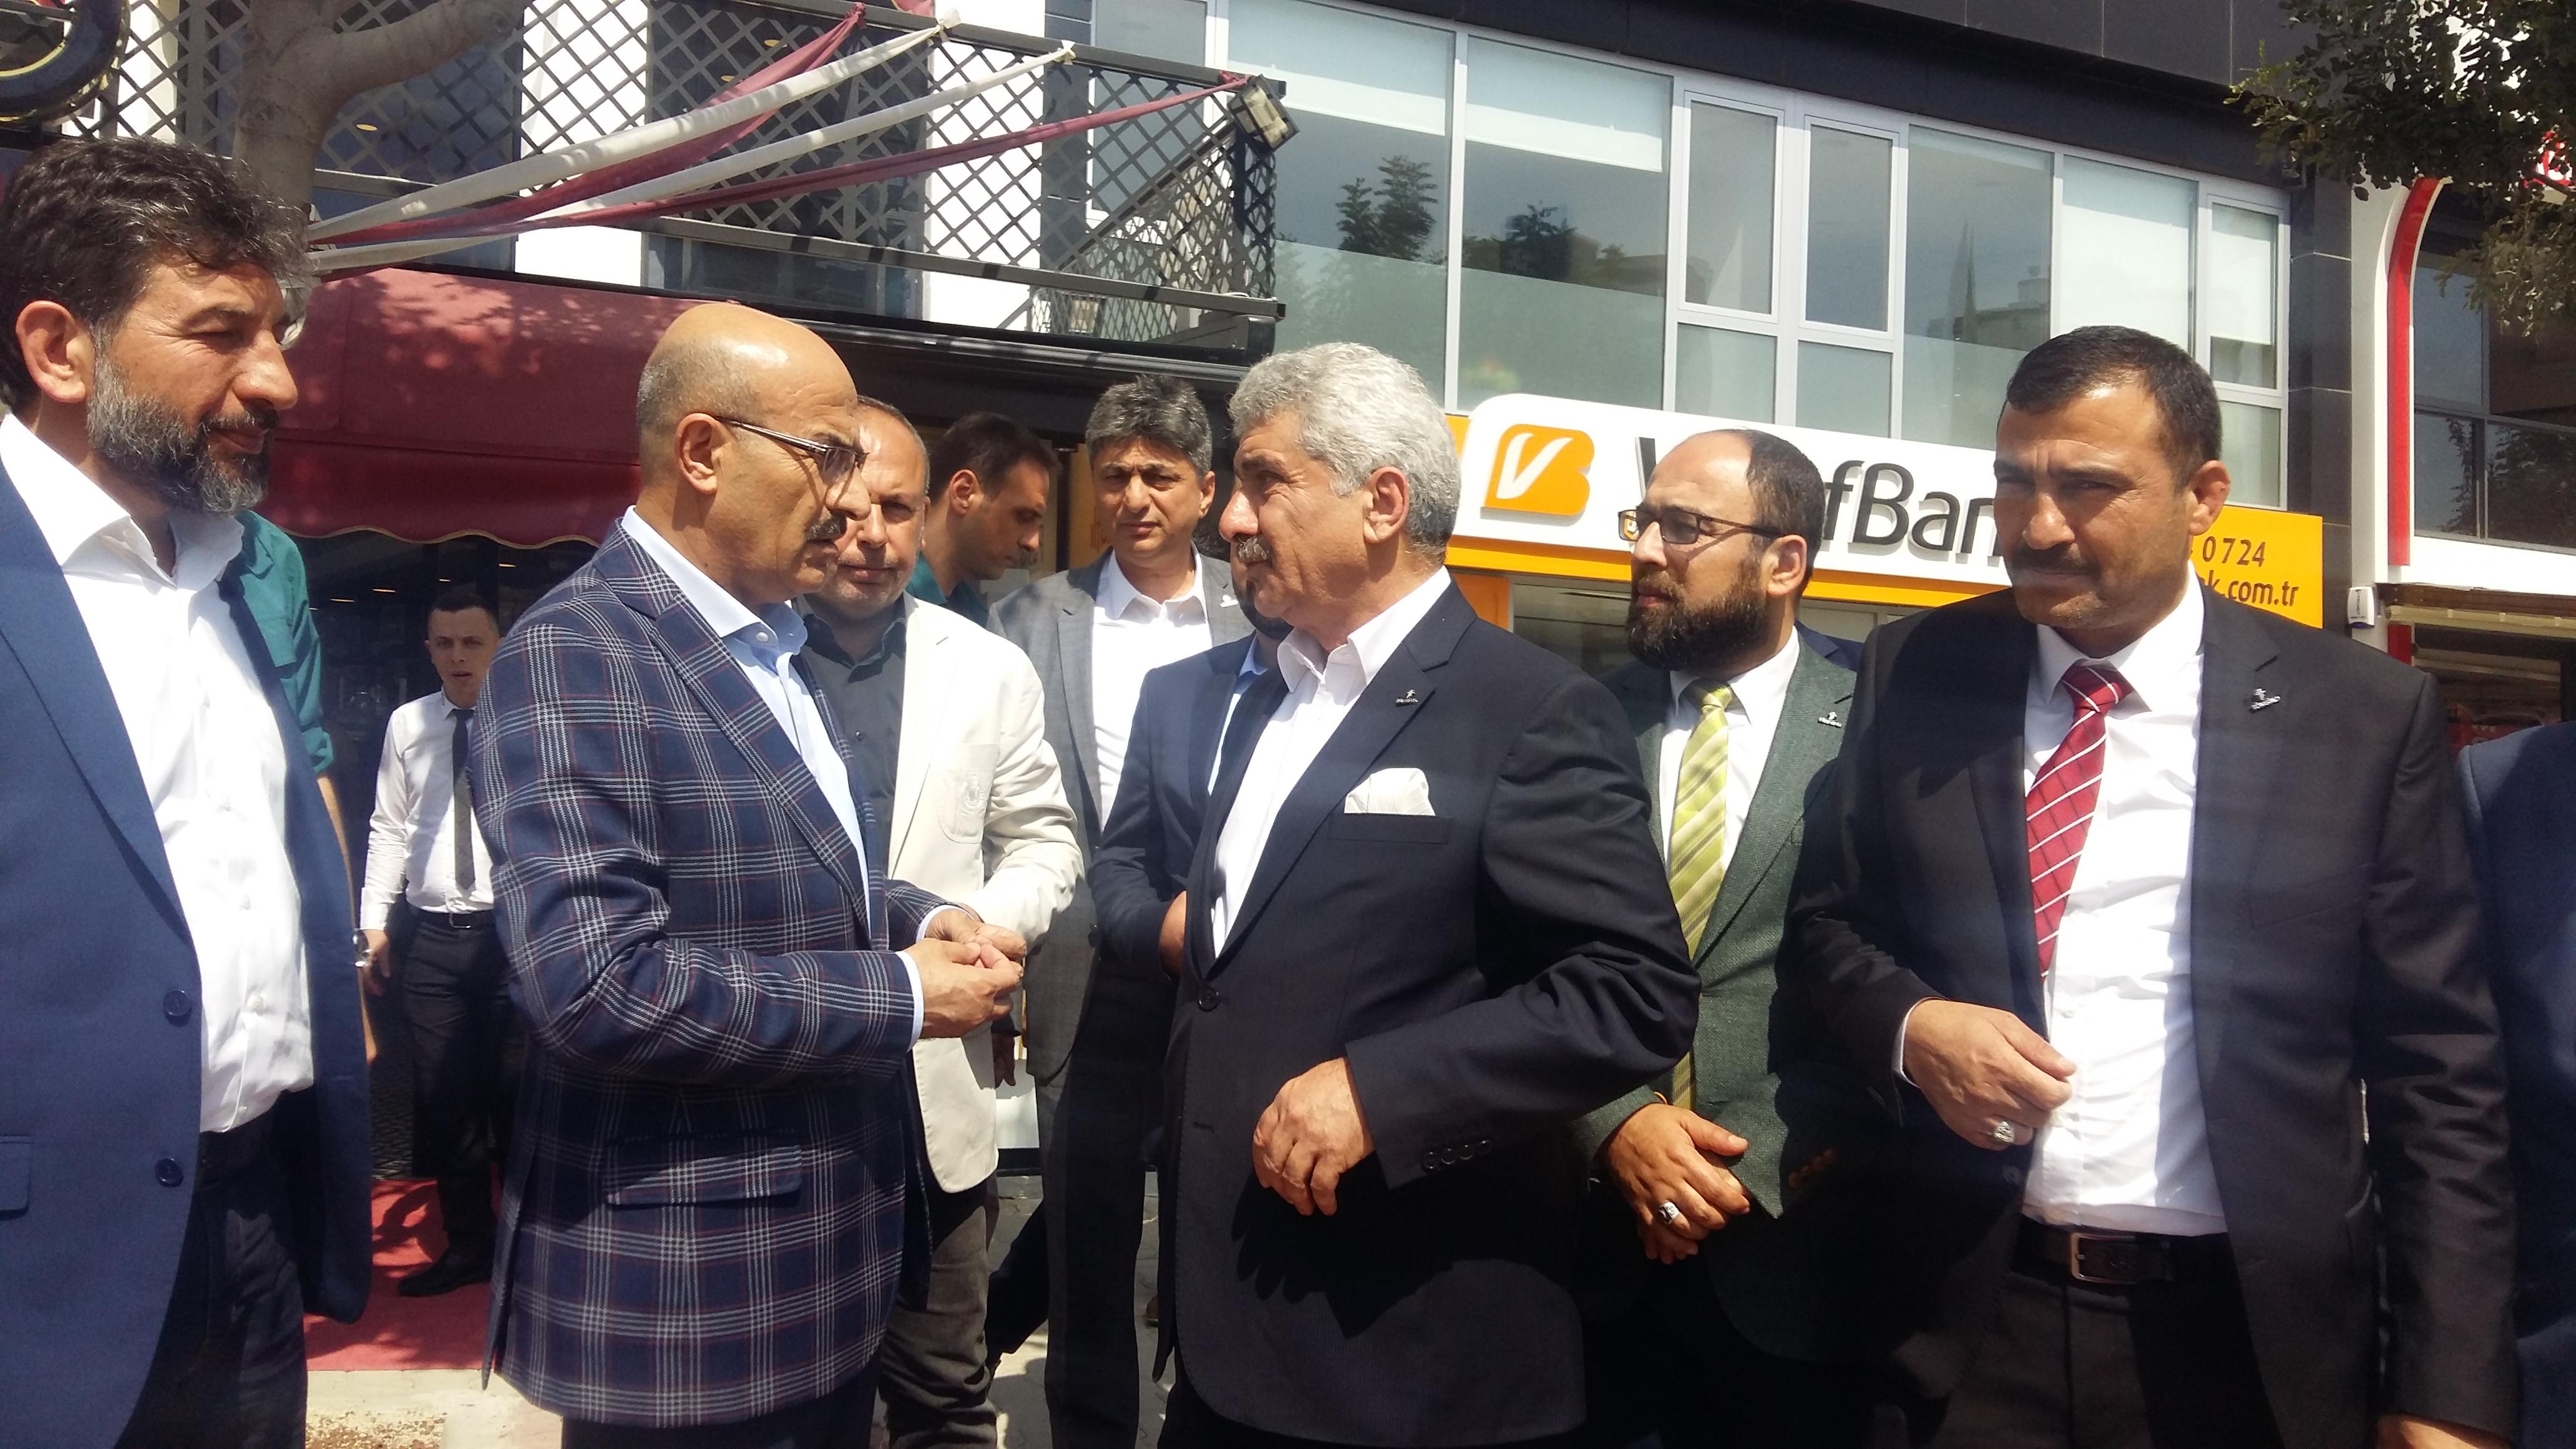 Vali Demirtaş'tan TÜMSİAD'ın Projesine Destek